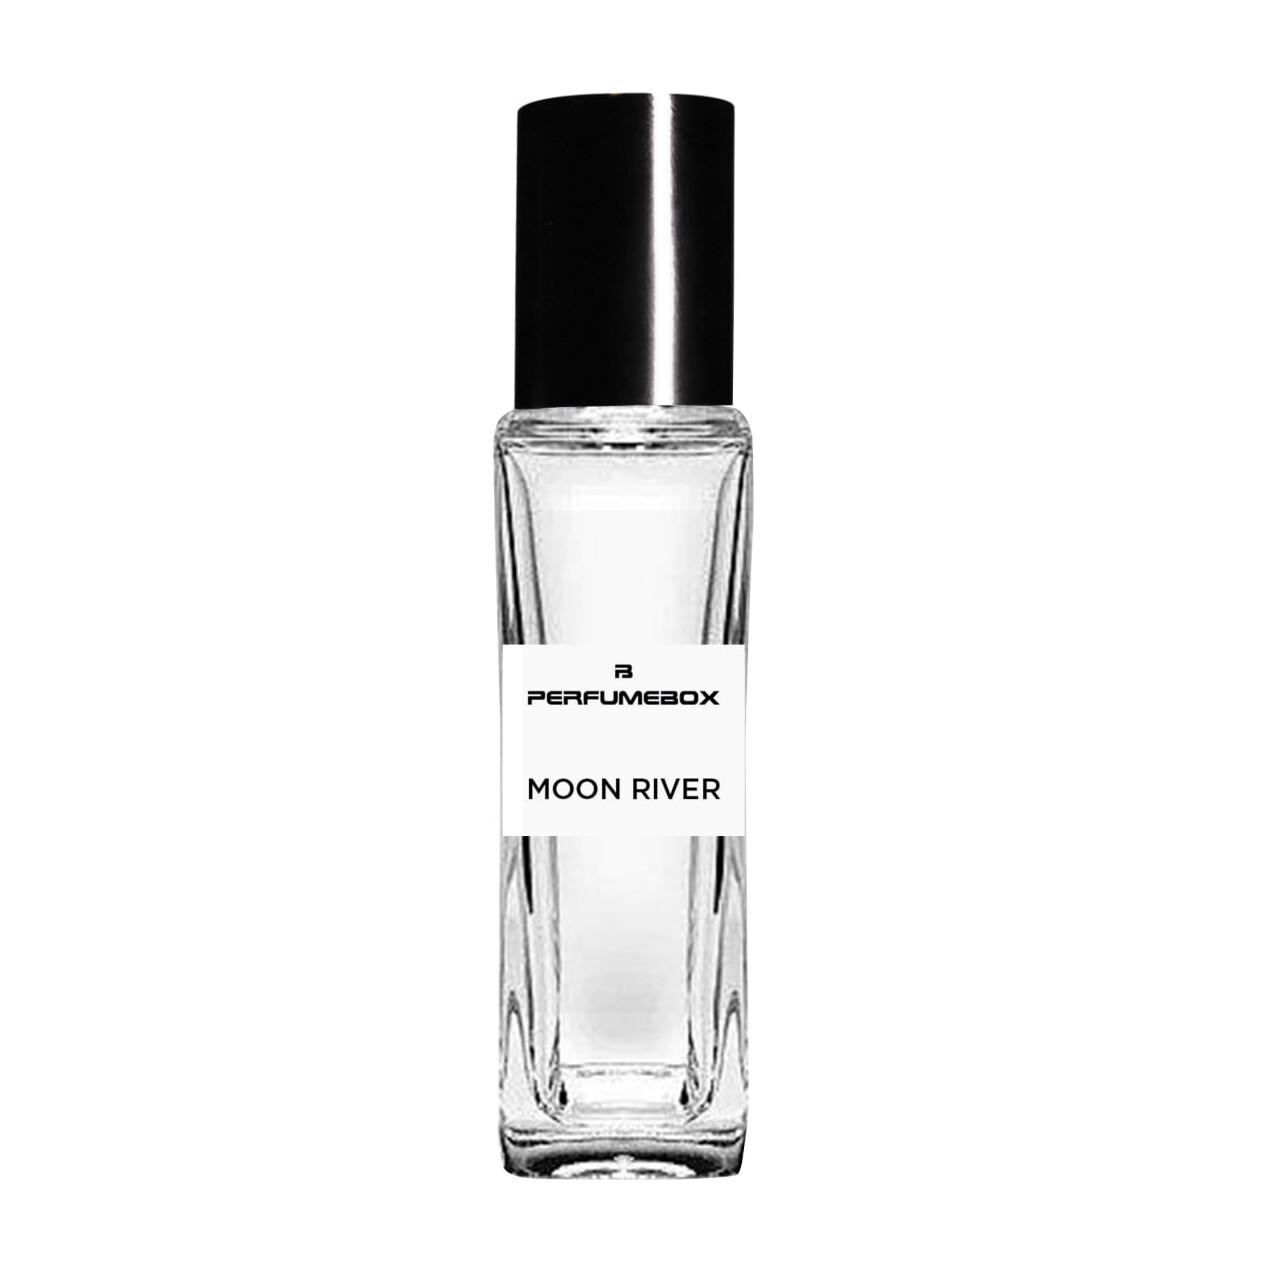 Perfumebox No Comments eau de parfum